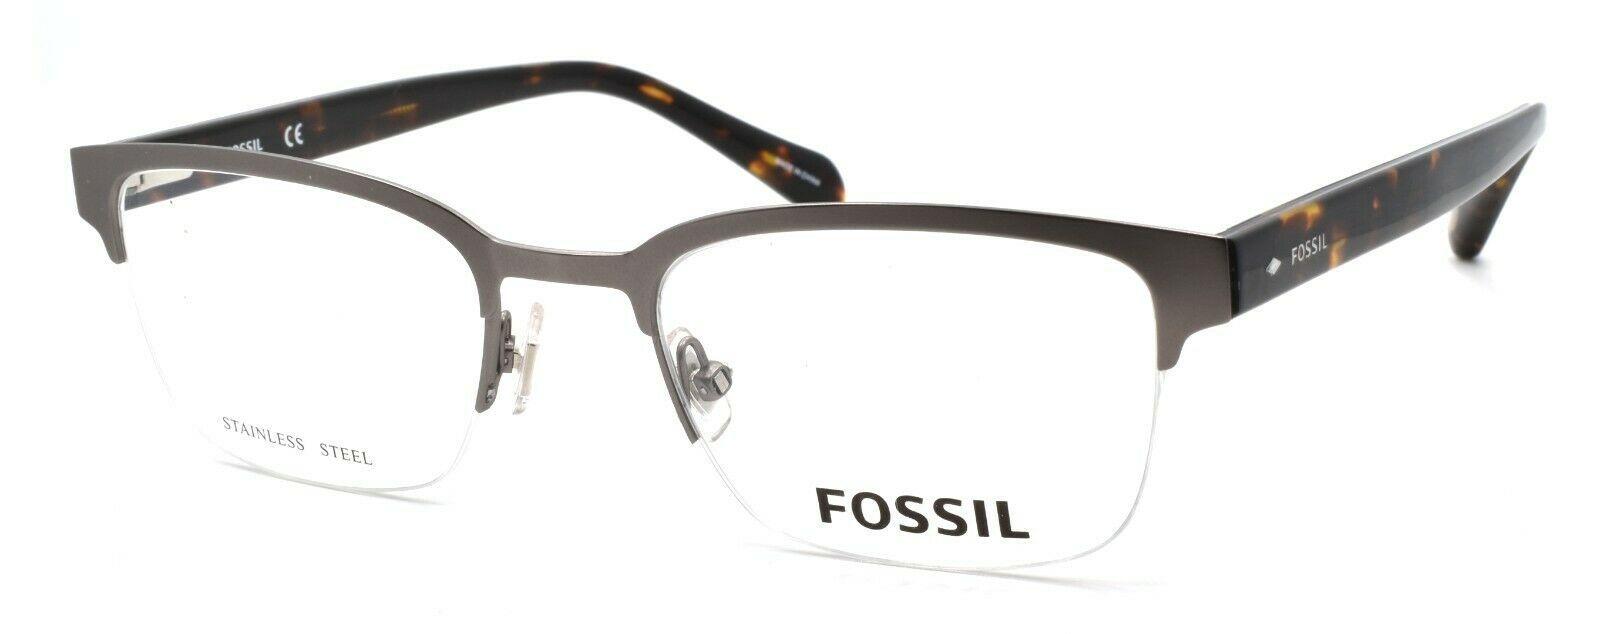 Fossil FOS 7005 KJ1 Men's Eyeglasses Frames Half-rim 50-20-150 Dark Ruthenium - $79.00